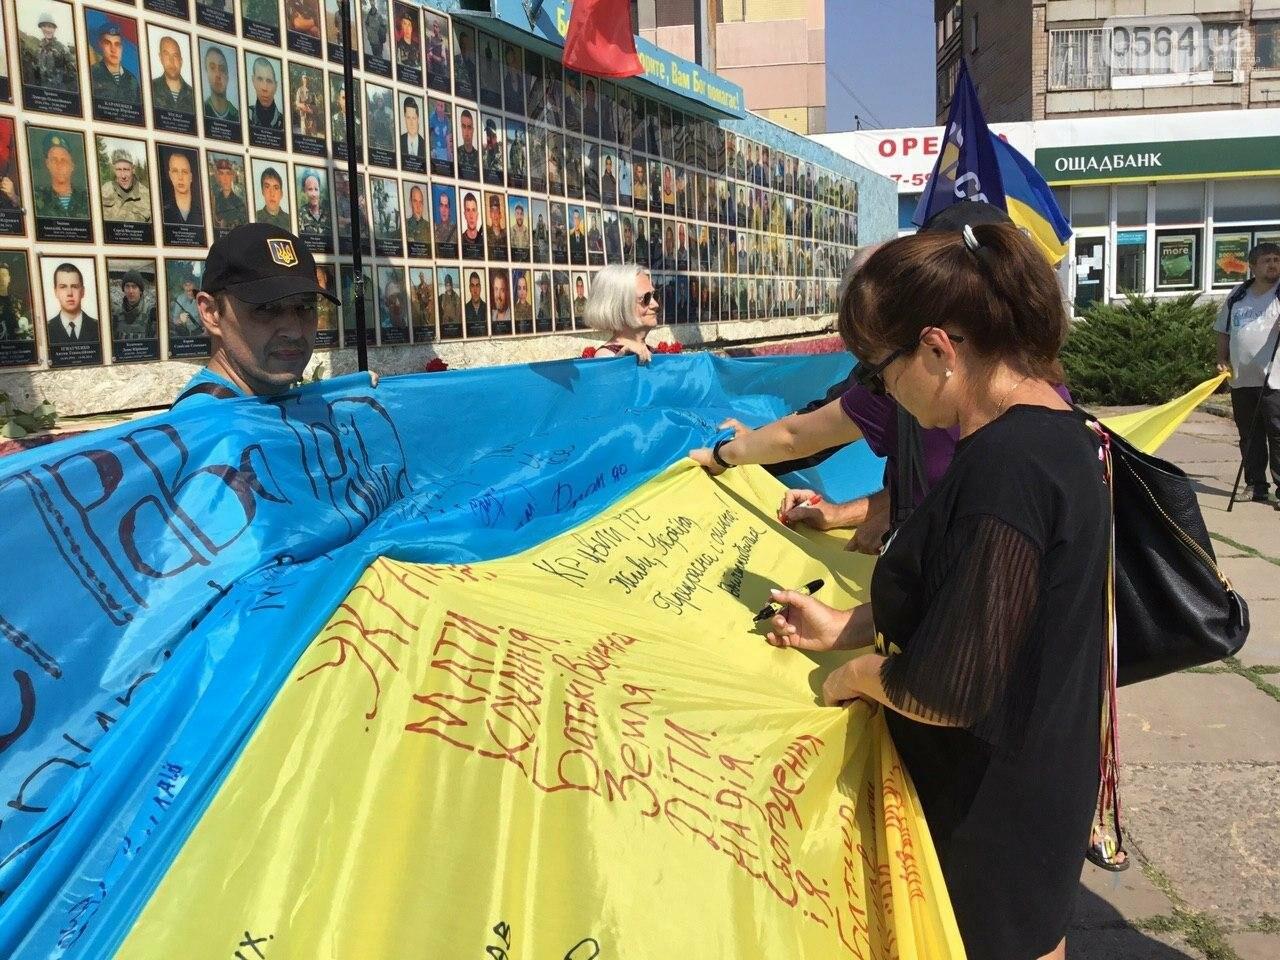 """""""Українці - брати, Разом ми - сила!"""", - какие пожелания и призывы написали криворожане на Знамени Единства, - ФОТО, ВИДЕО, фото-58"""